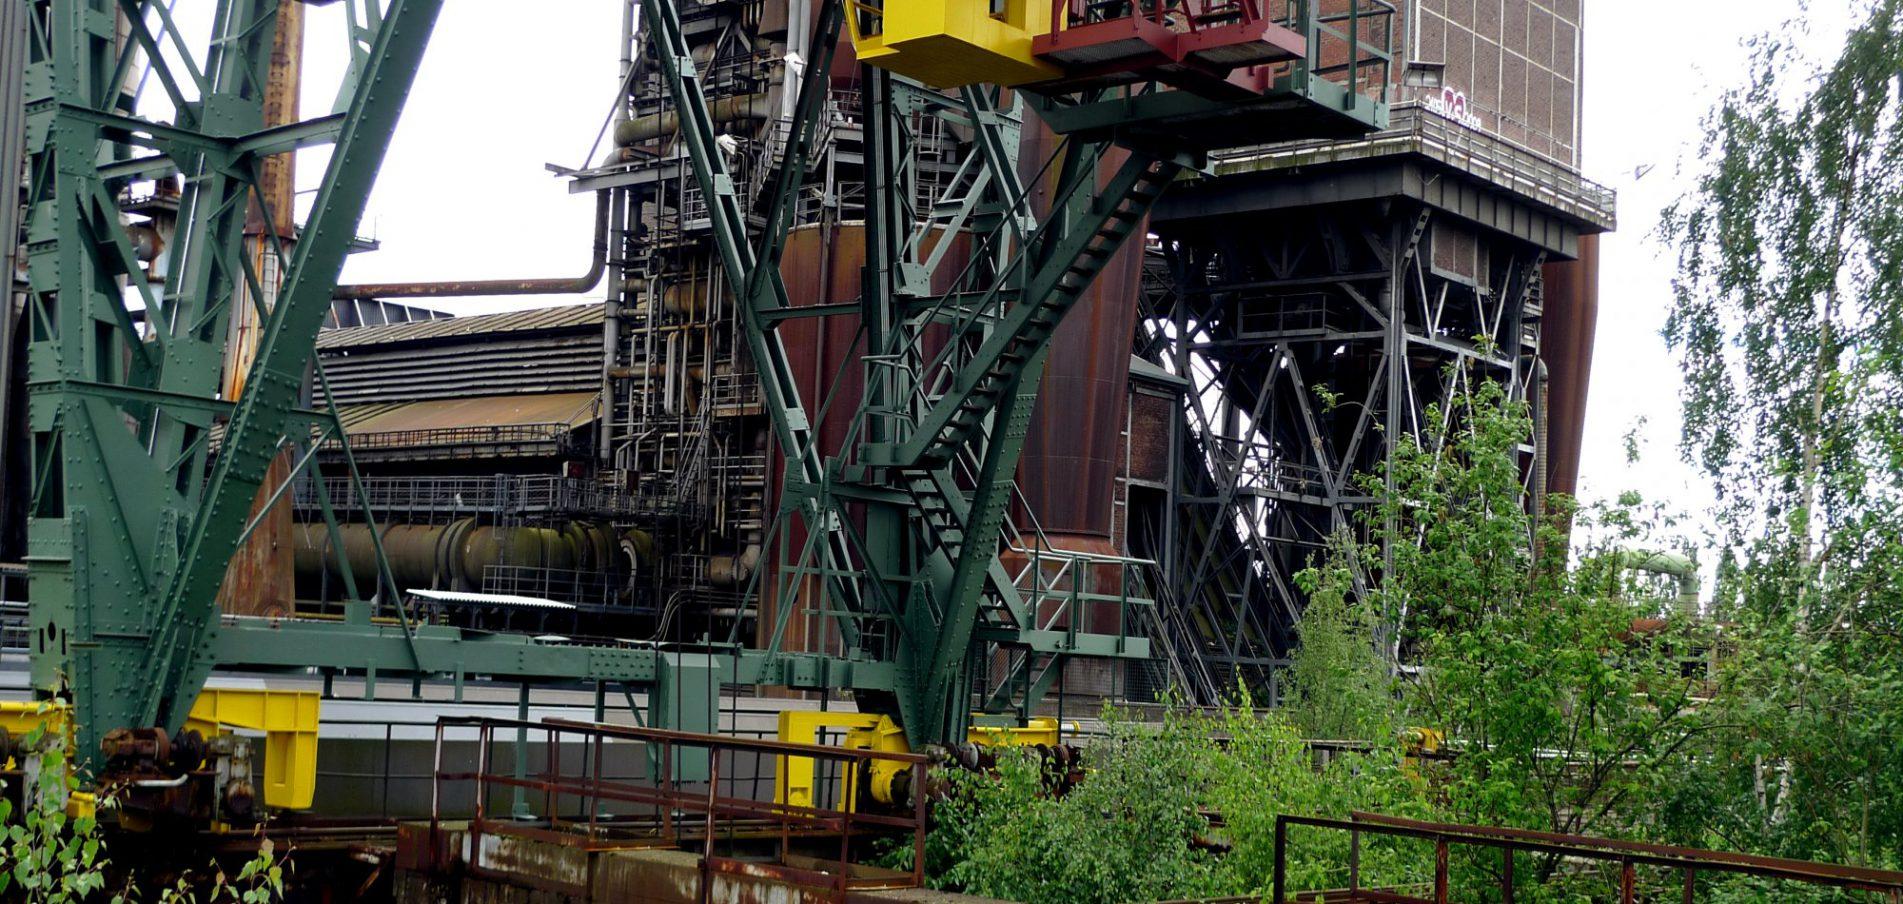 Willkommen in Duisburg ...Wasser, Stahl und Wandel!